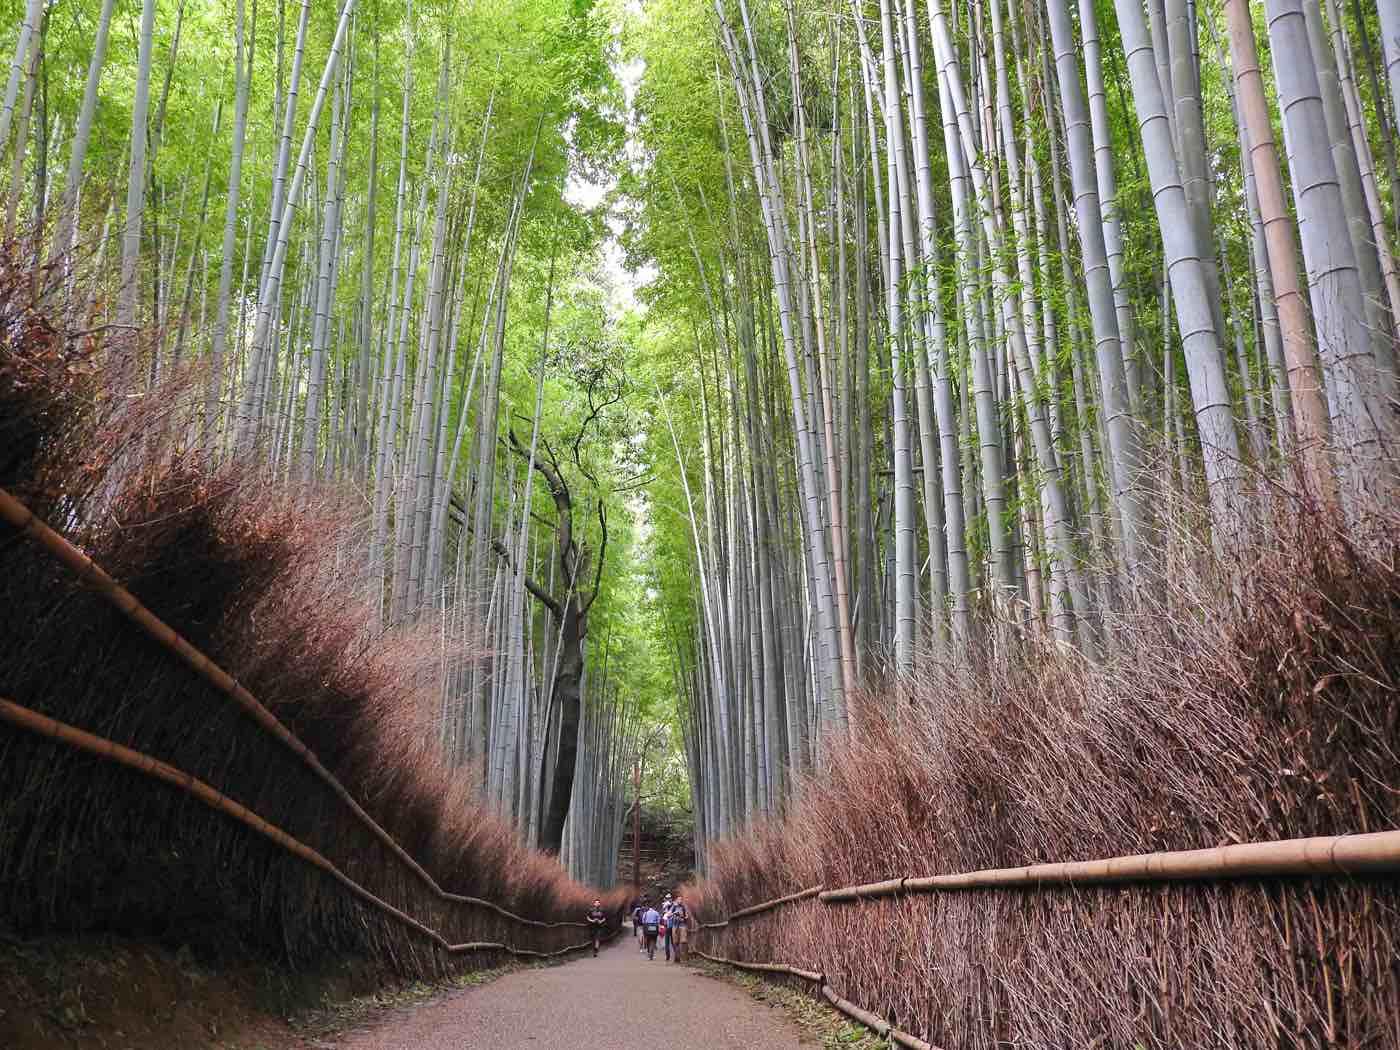 kyoto things to do arashiyama bamboo forest